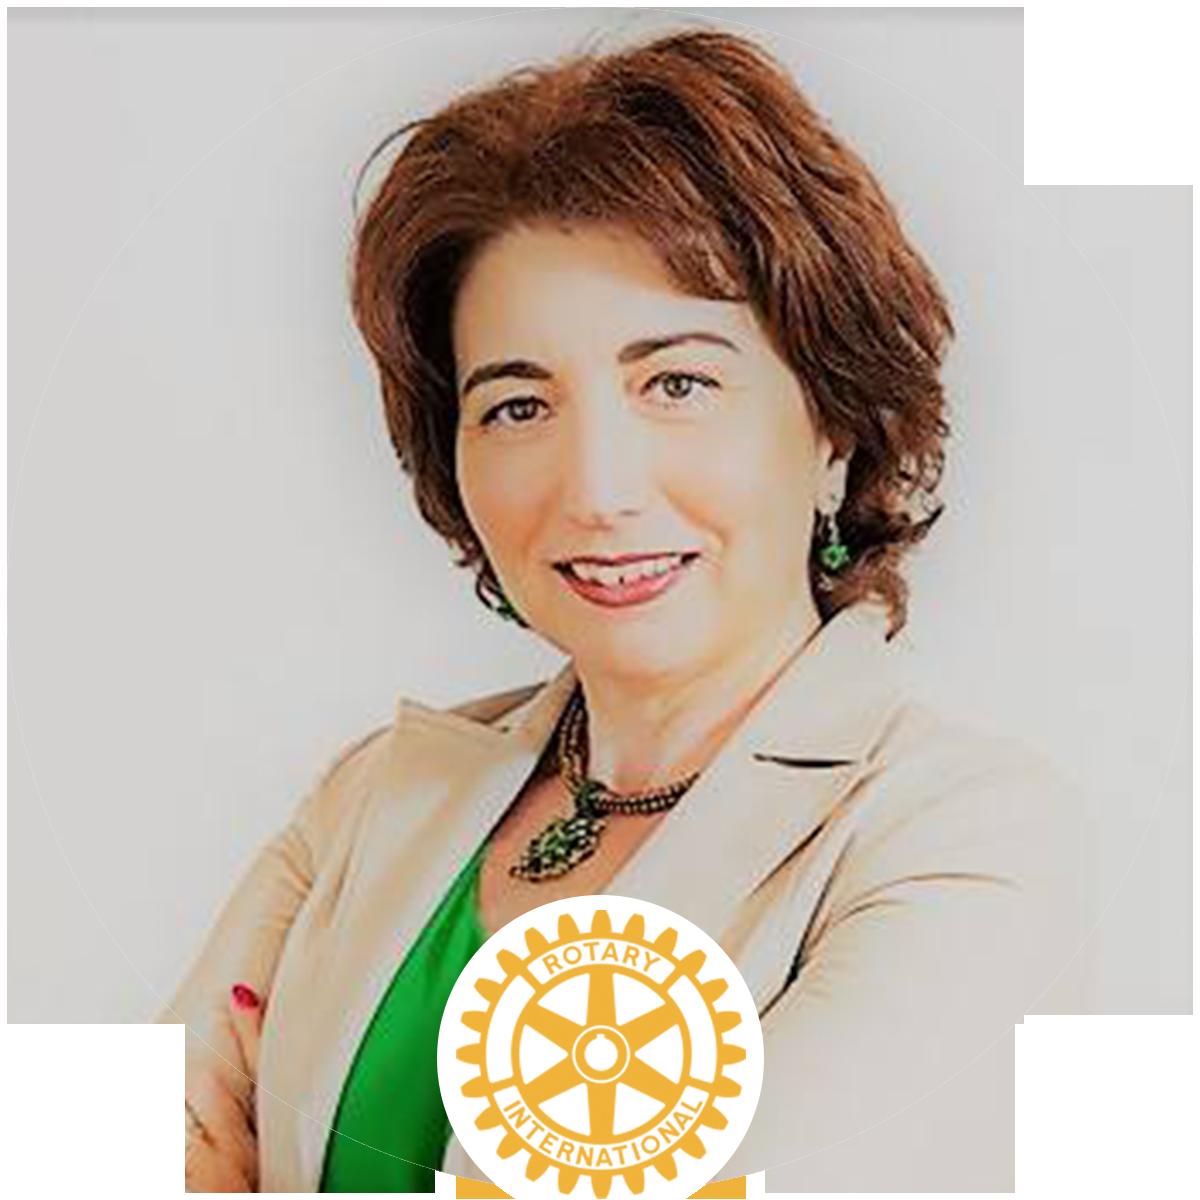 Adina Scaringi